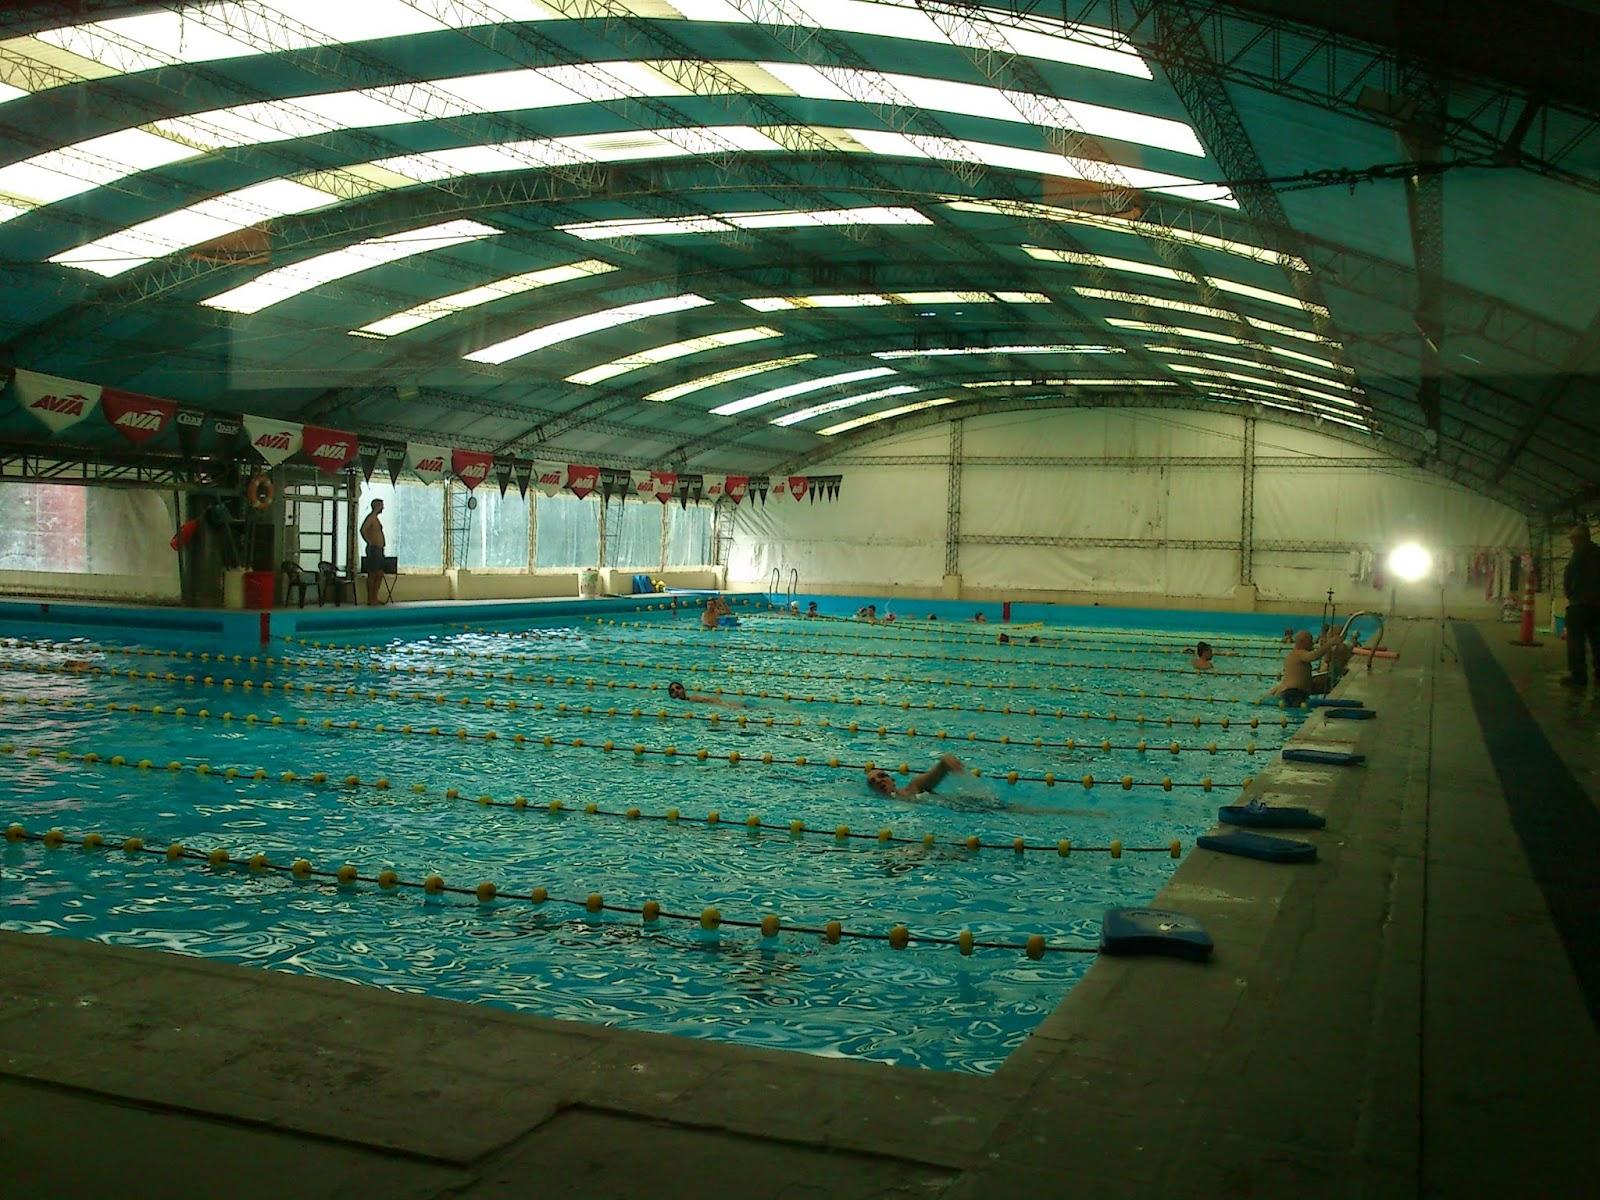 Cuanto cuesta una pileta de natacion filtro para la piscina for Cuanto sale construir una piscina